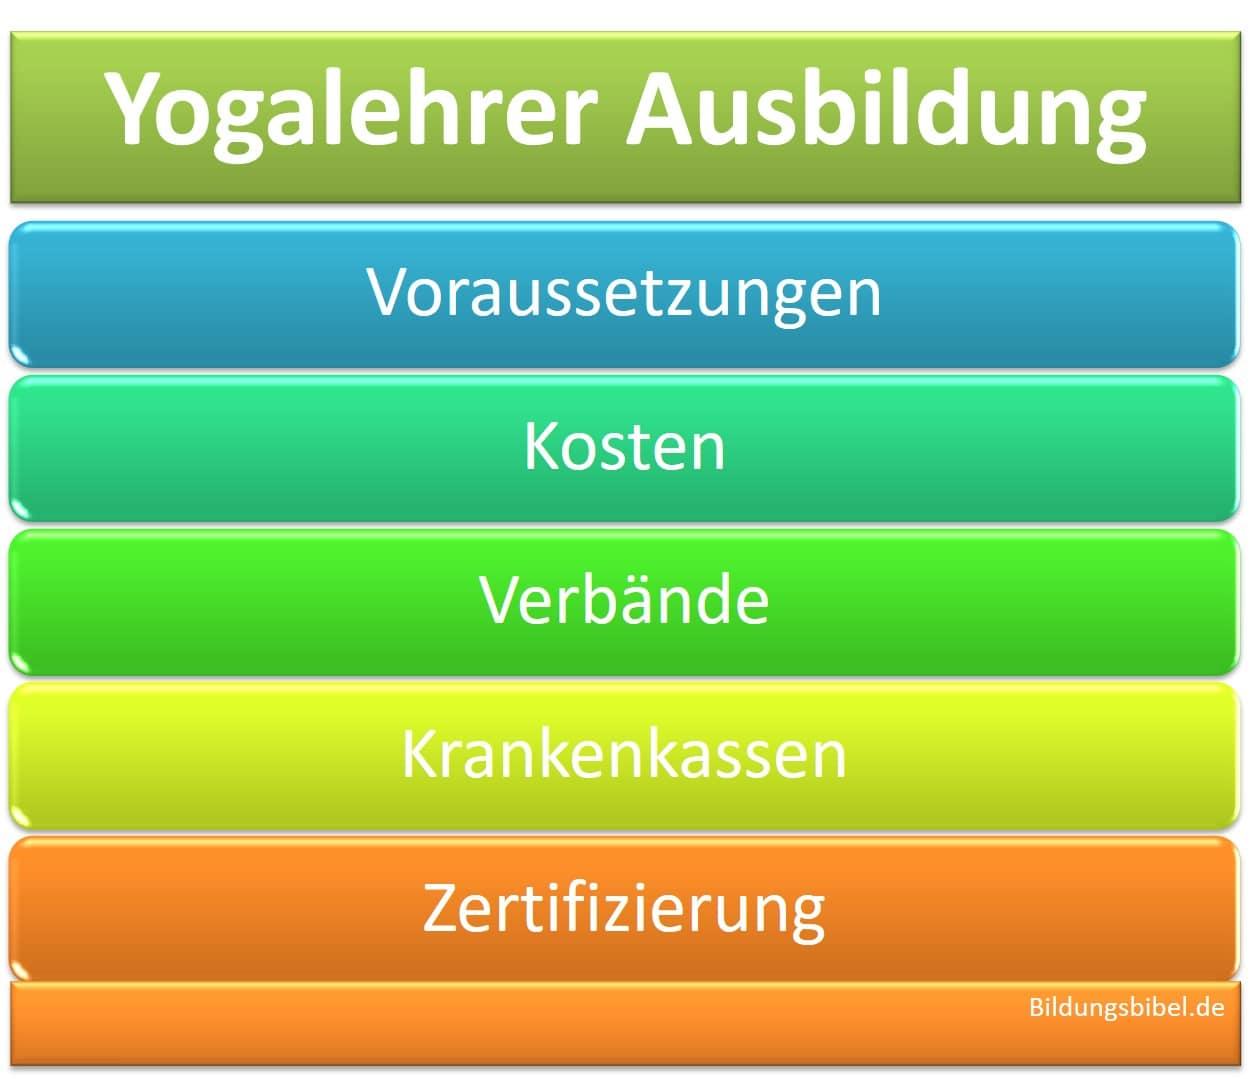 Yogalehrer Ausbildung Kosten, Voraussetzungen, Krankenkasse, Zertifizierung, Verbände und Abrechnung